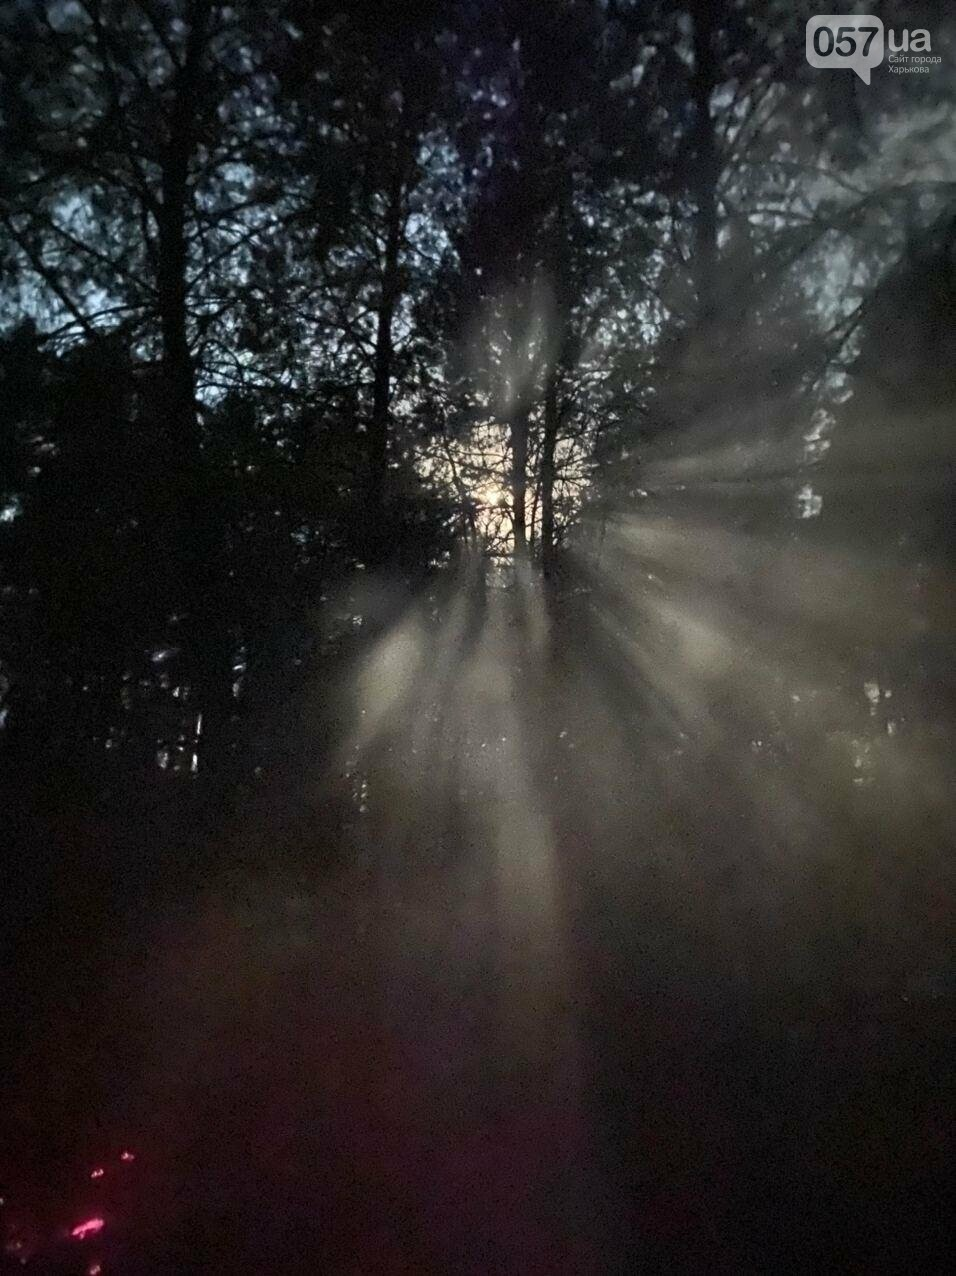 """""""Горит лес, нужна помощь"""": как мы тушили пожар в Чугуеве, - ФОТО, фото-12"""